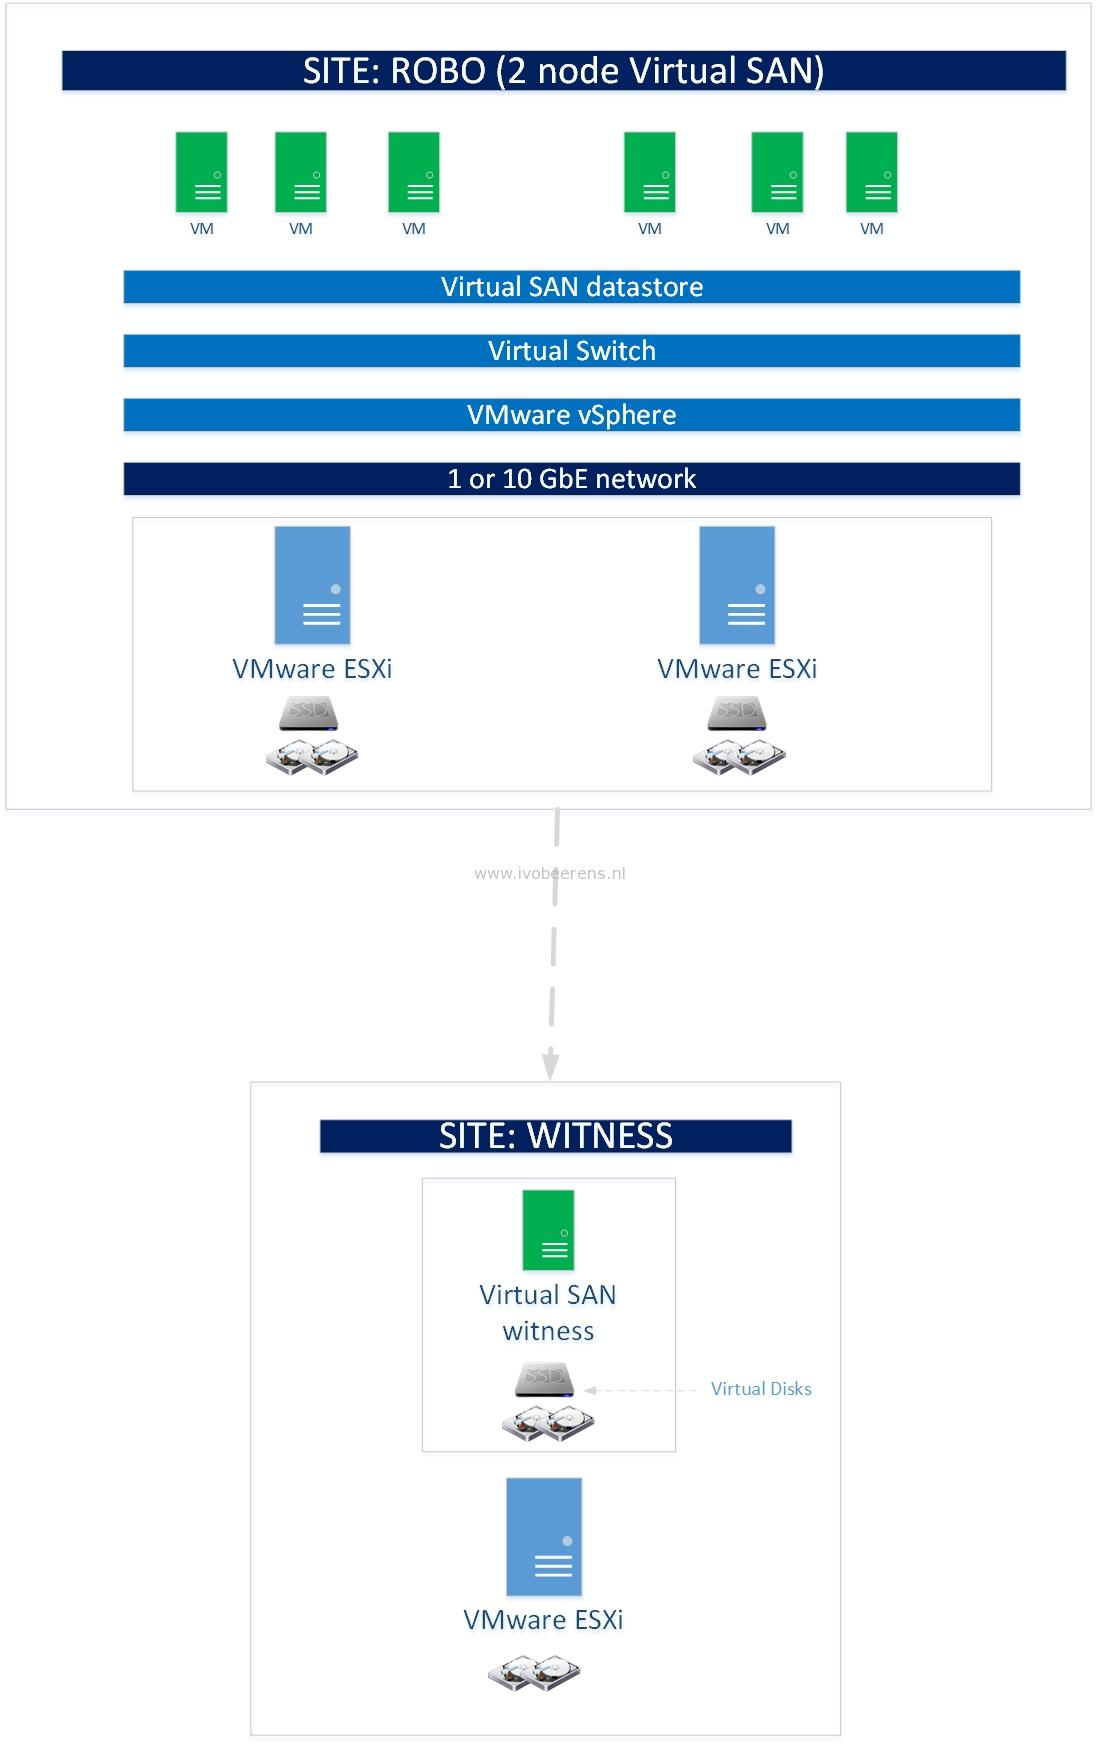 Virtual SAN (VSAN) ROBO and SMB environment considerations